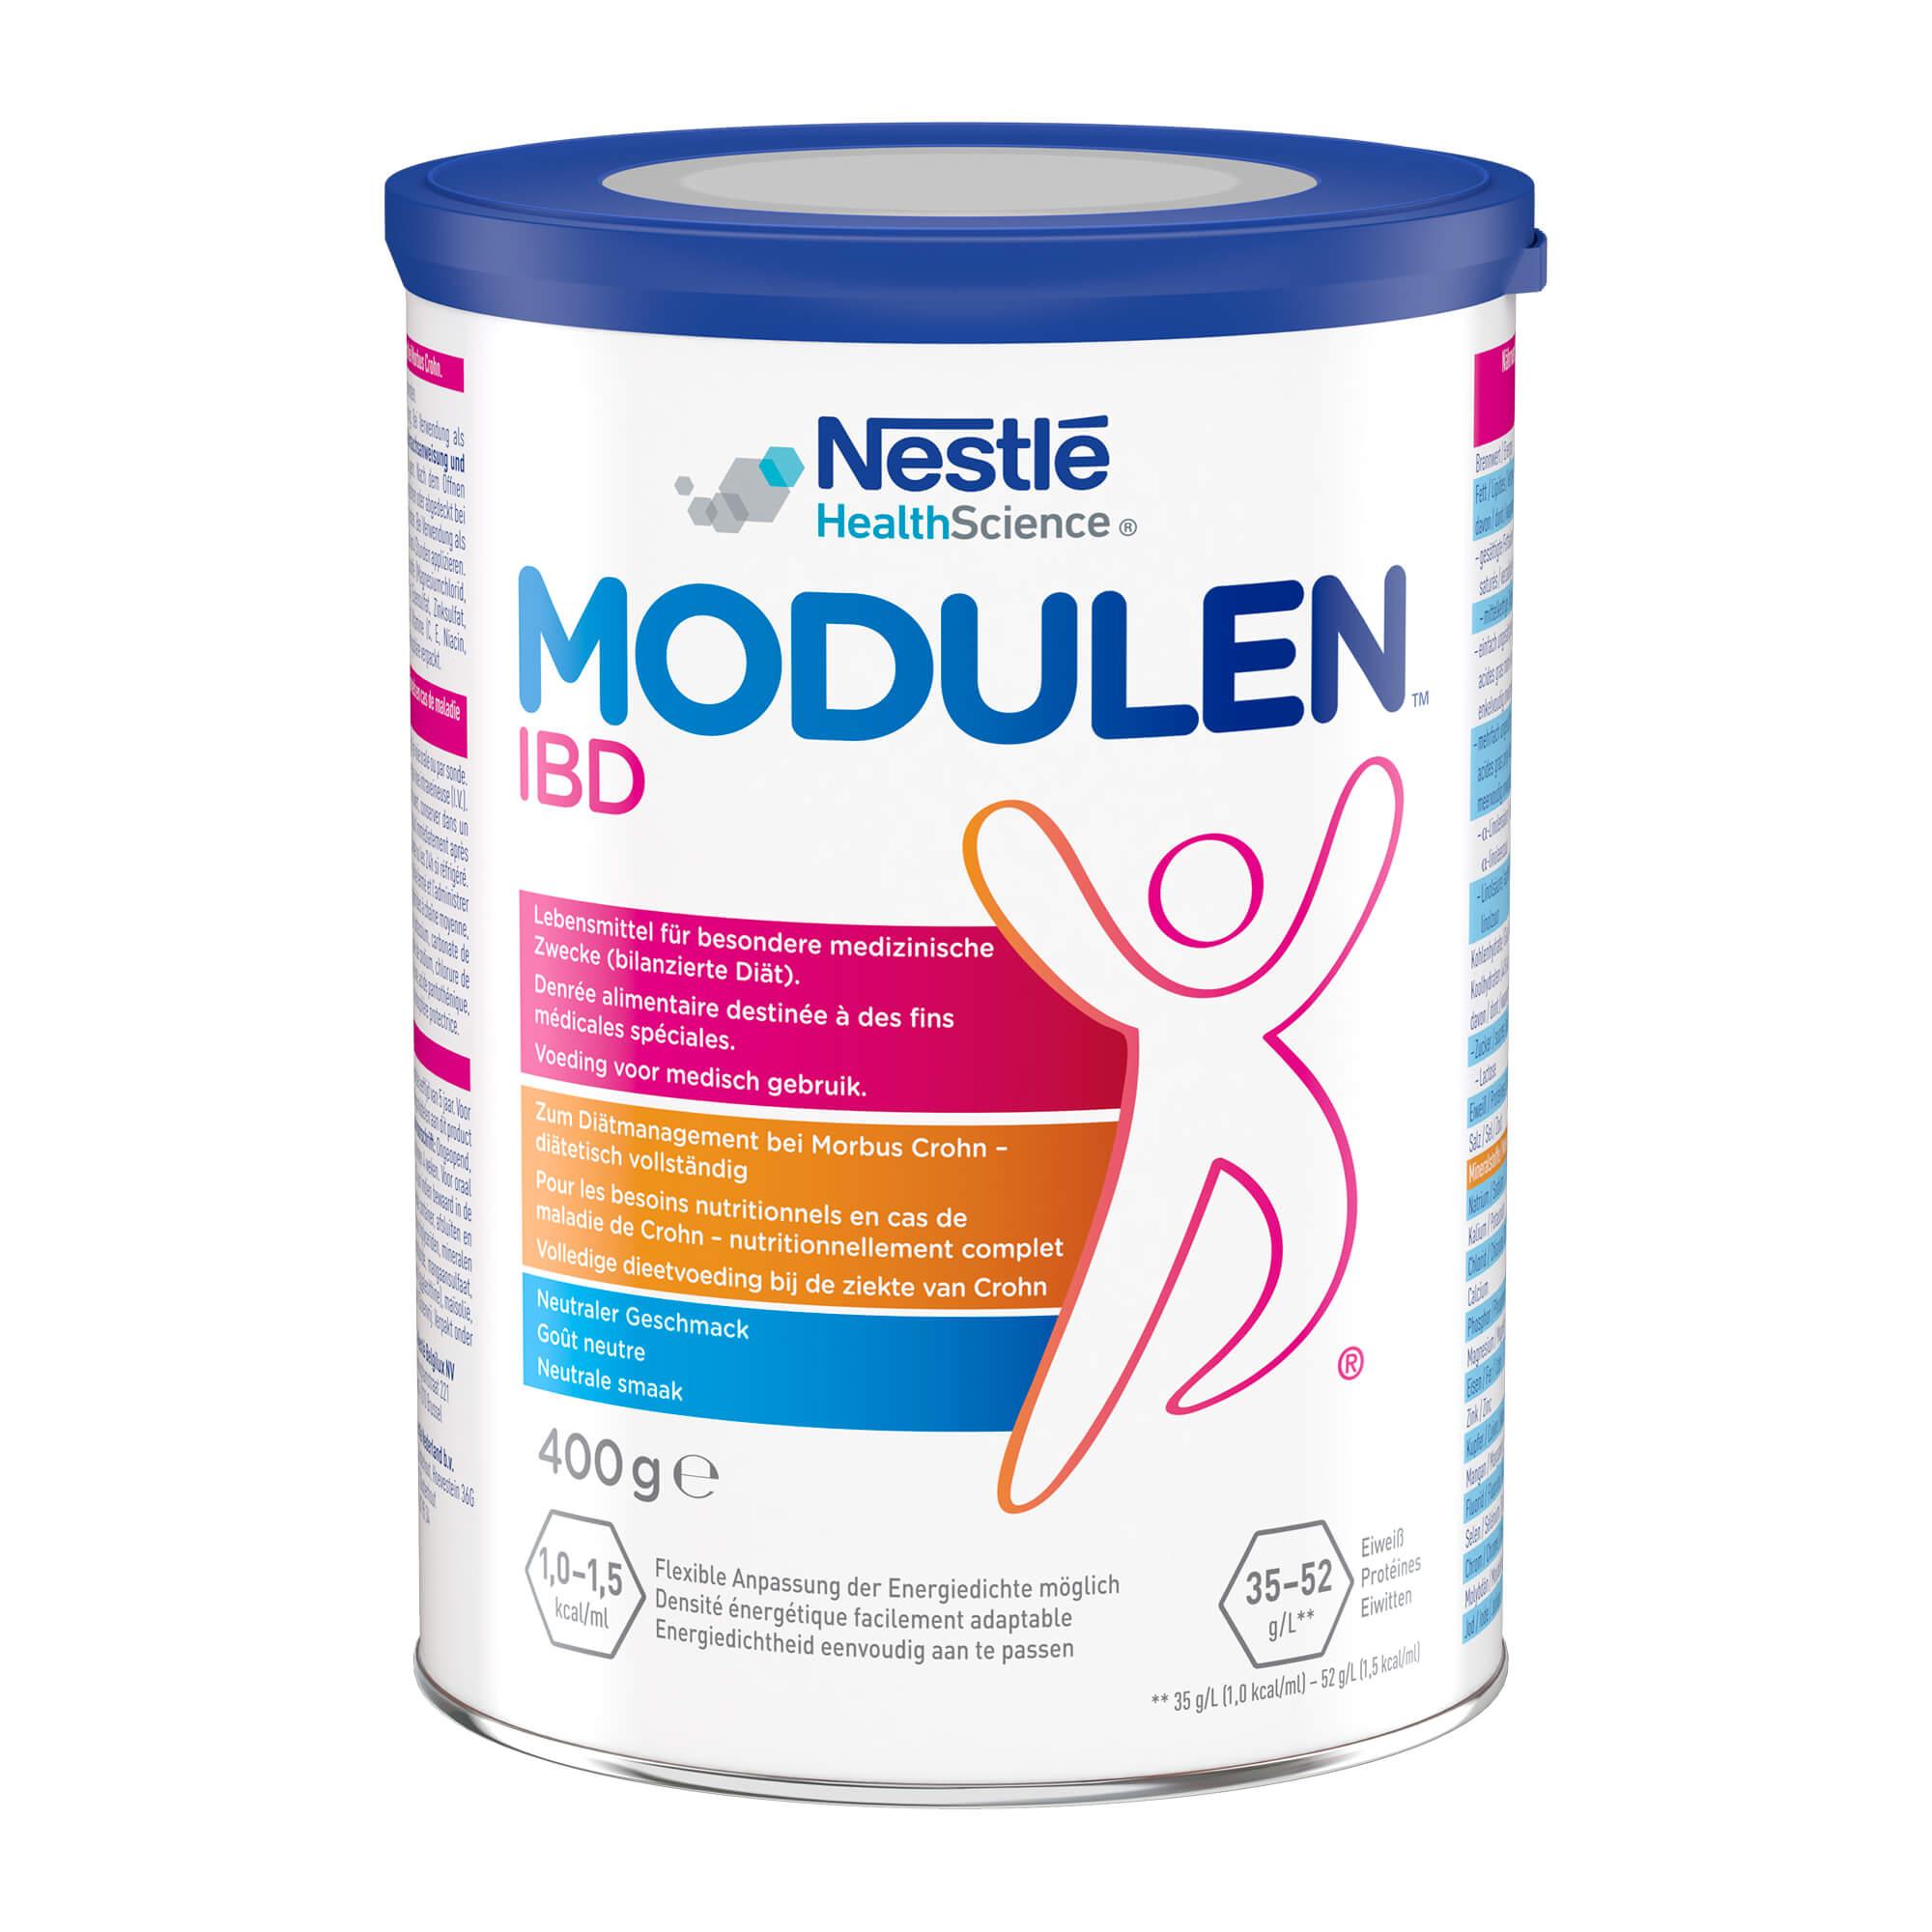 Modulen IBD Pulver